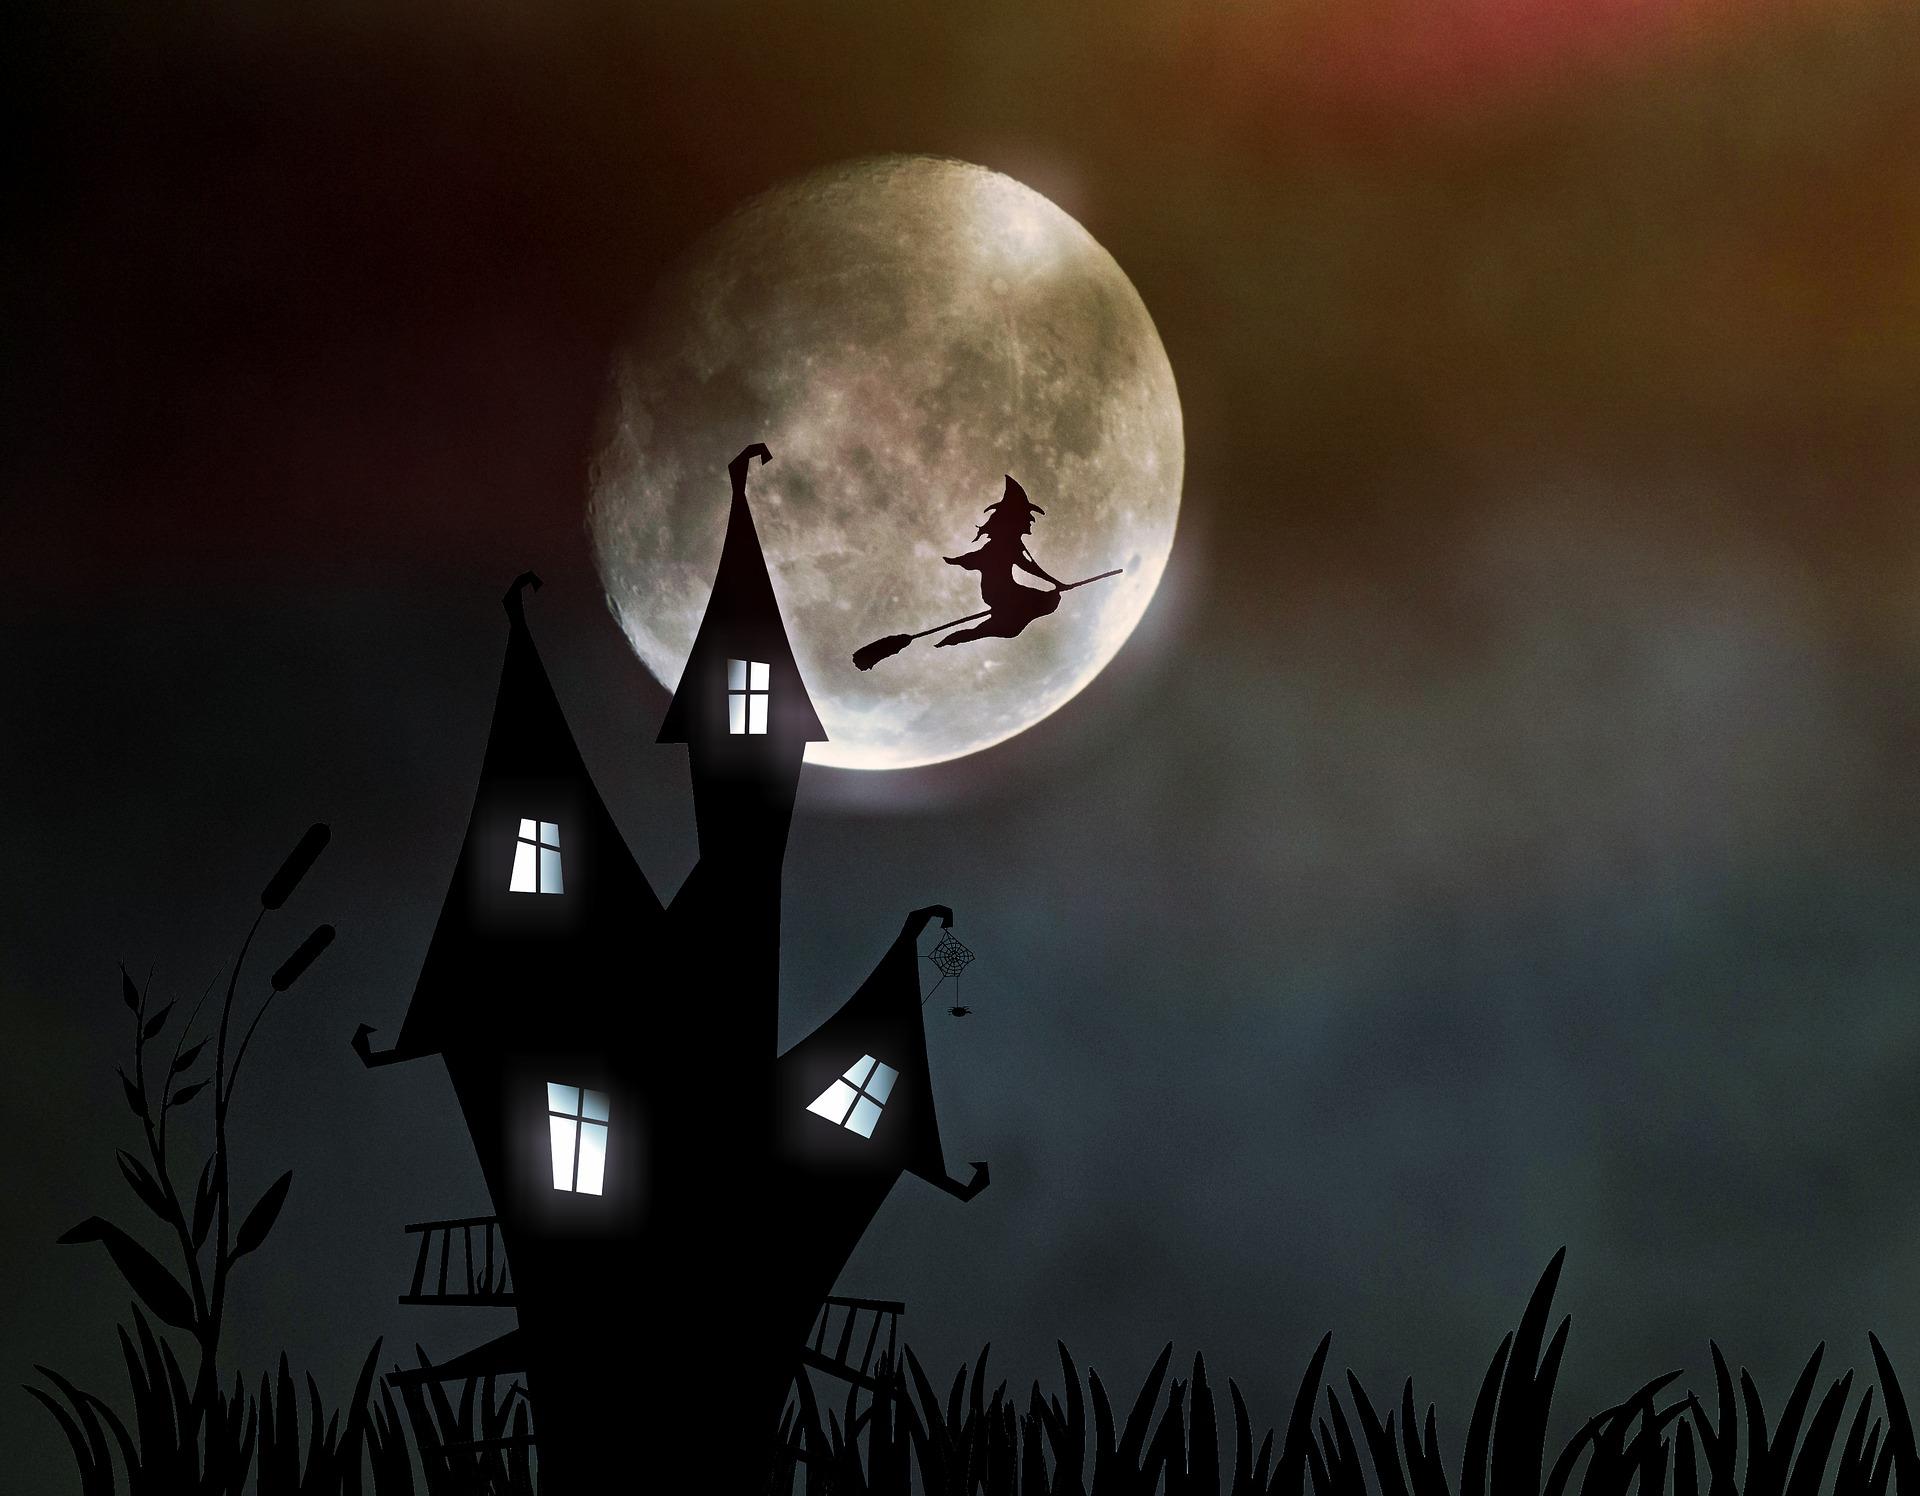 Čarovnic noč ima svojo moč!